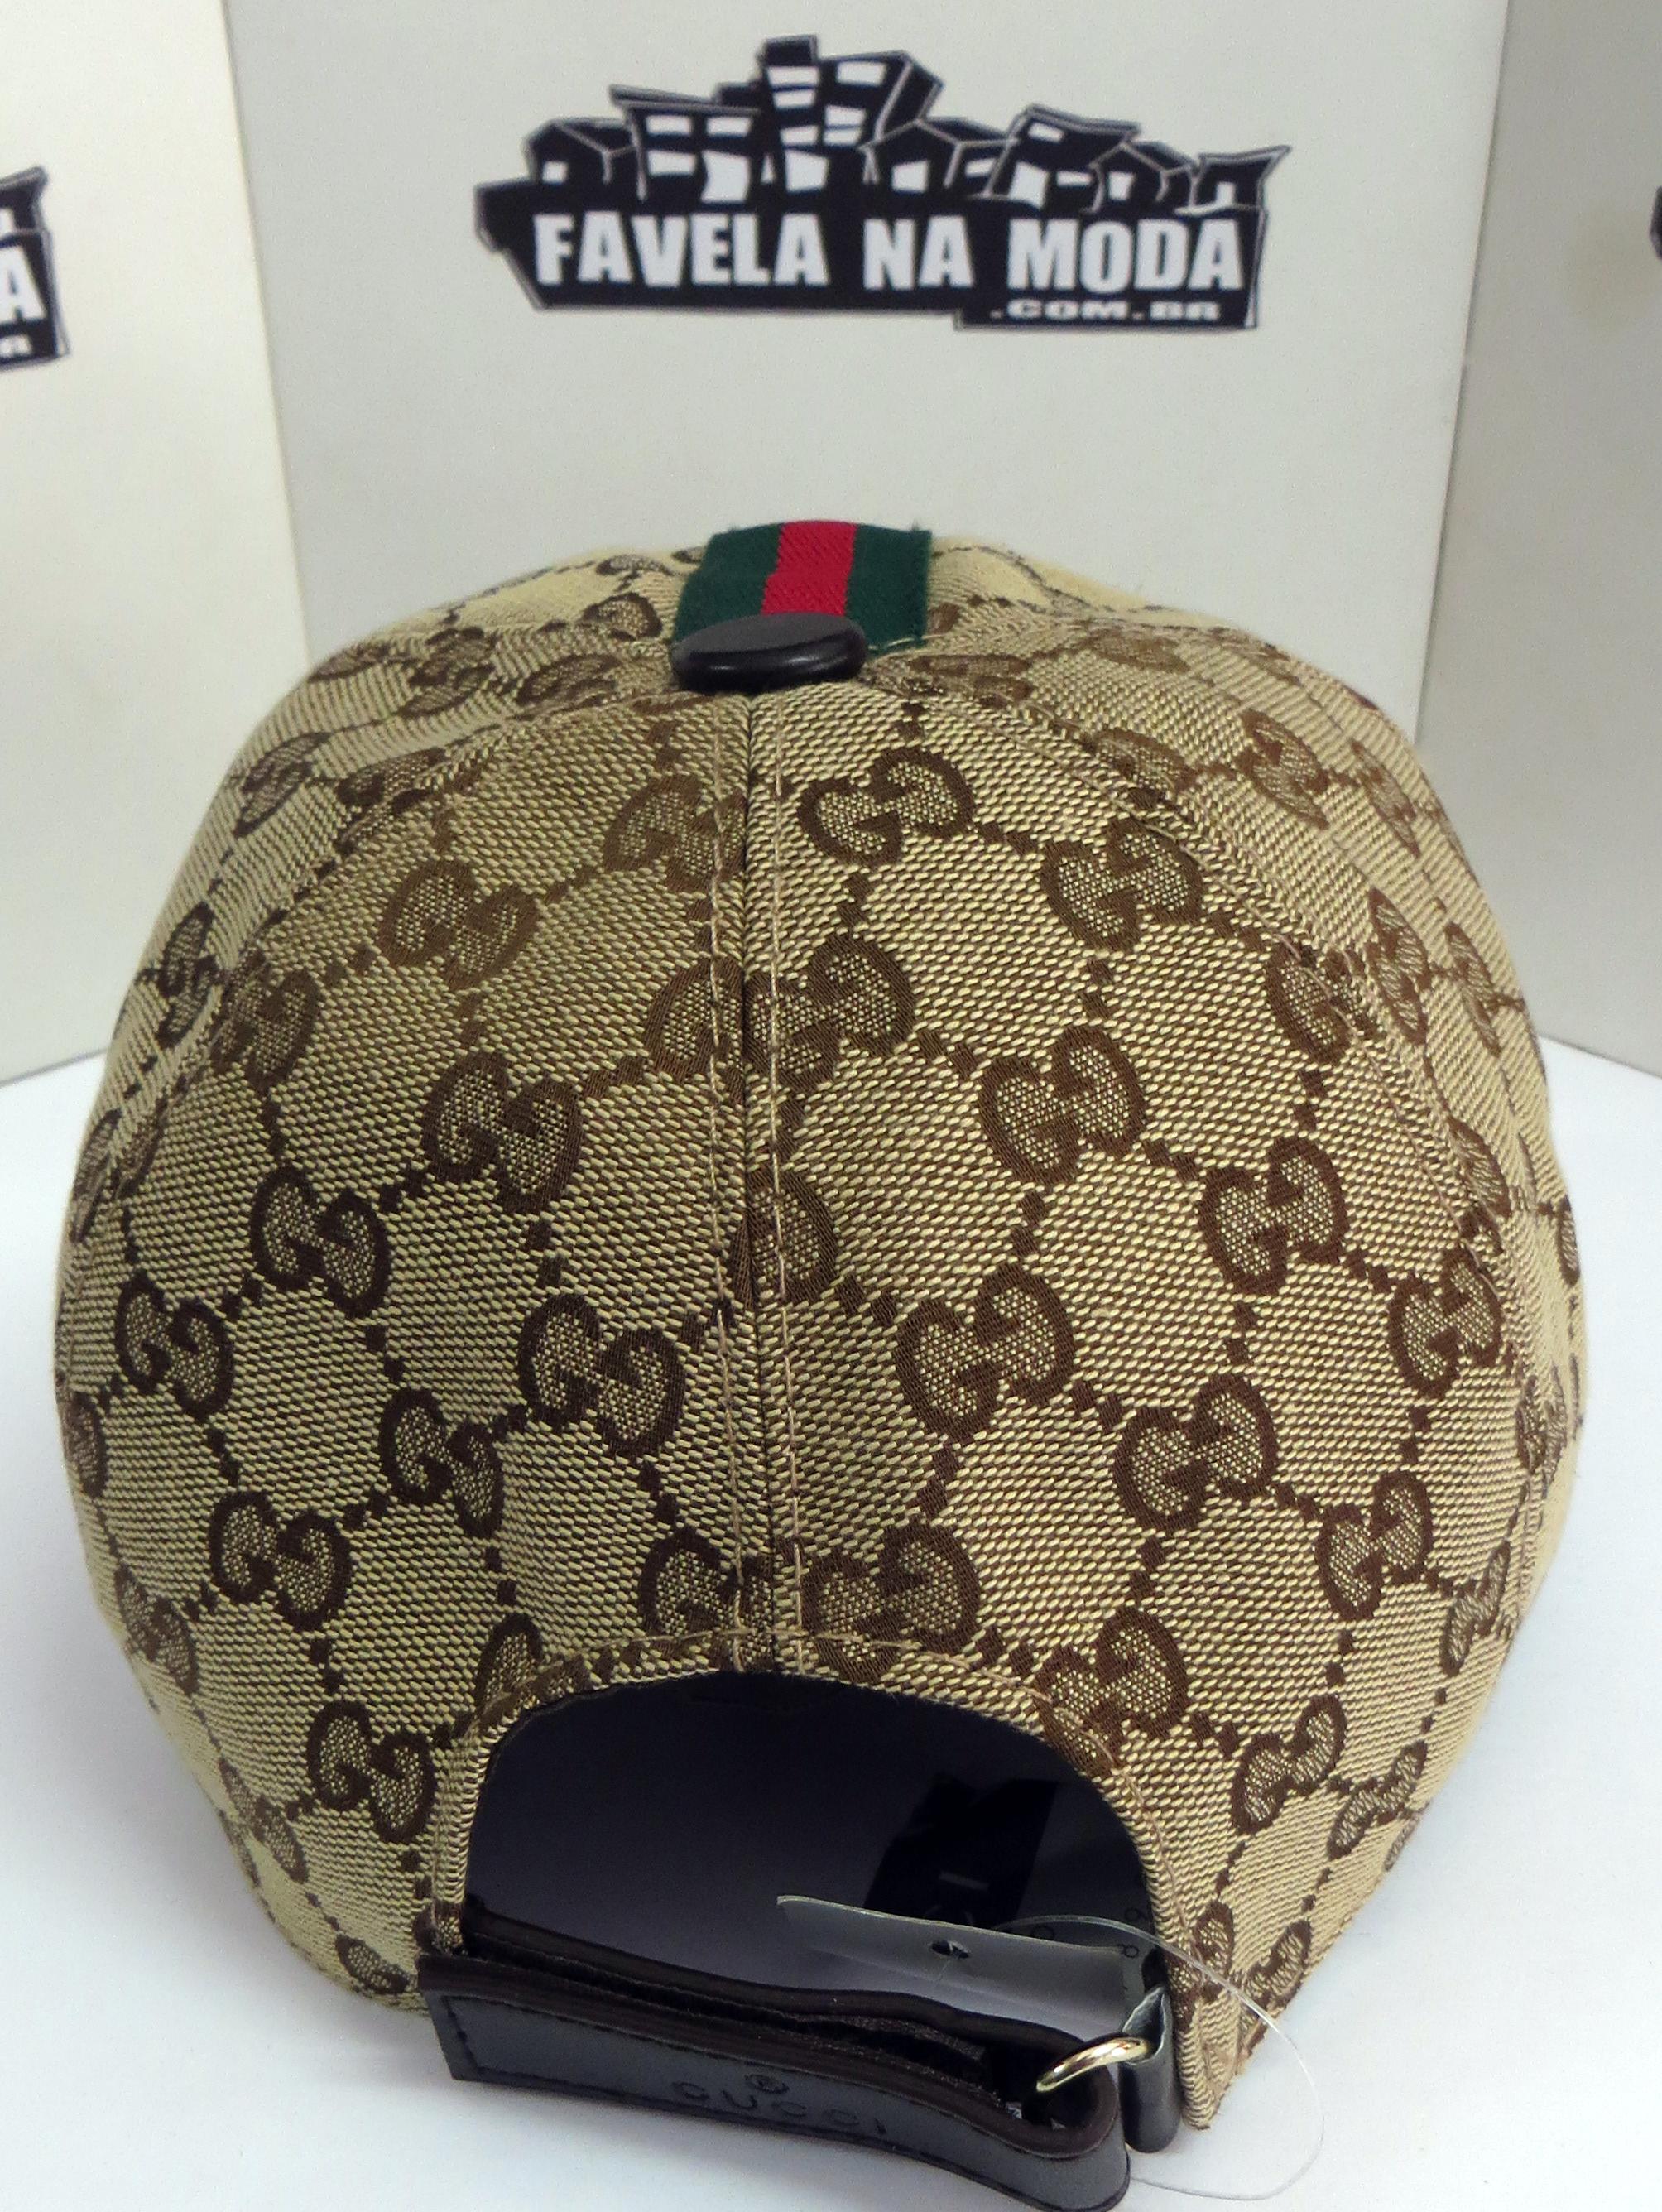 cf24ea59fd0e5 Boné Gucci Monogramado - Bege - Favela na Moda Imports